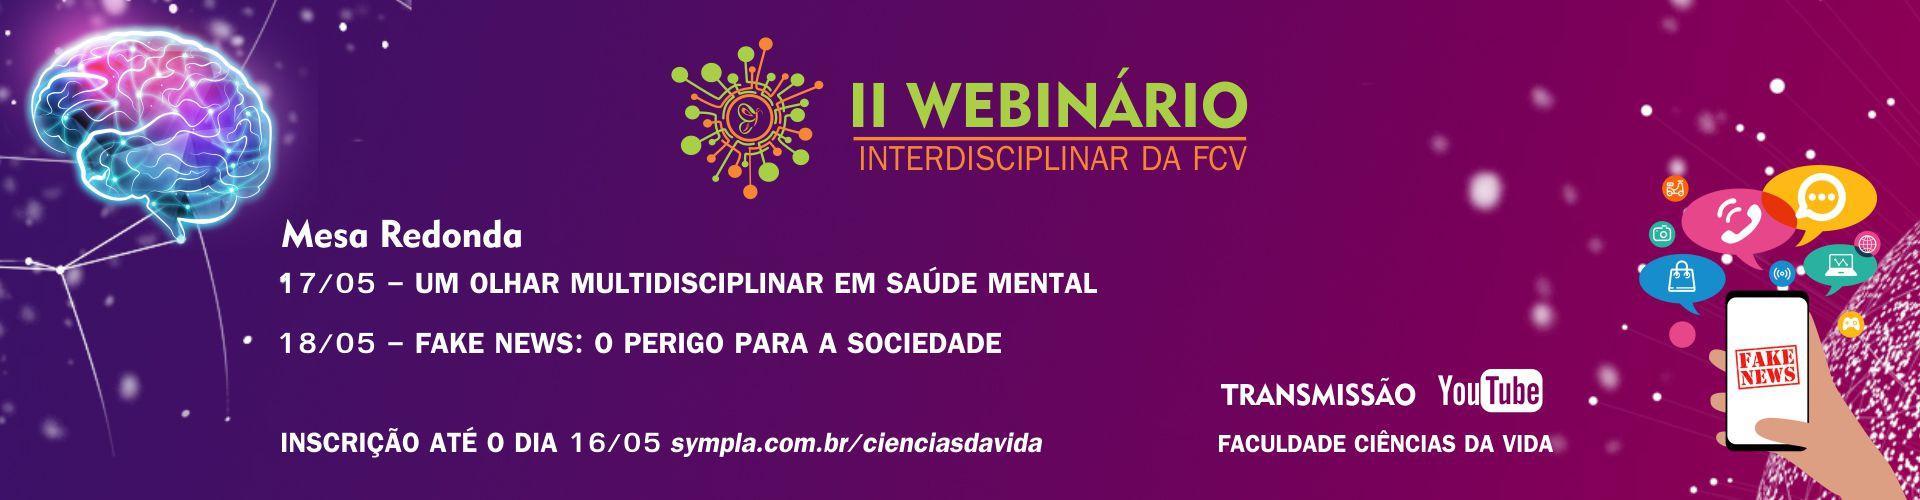 II WEBINÁRIO INTERDISCIPLINAR DA FACULDADE CIÊNCIAS DA VIDA